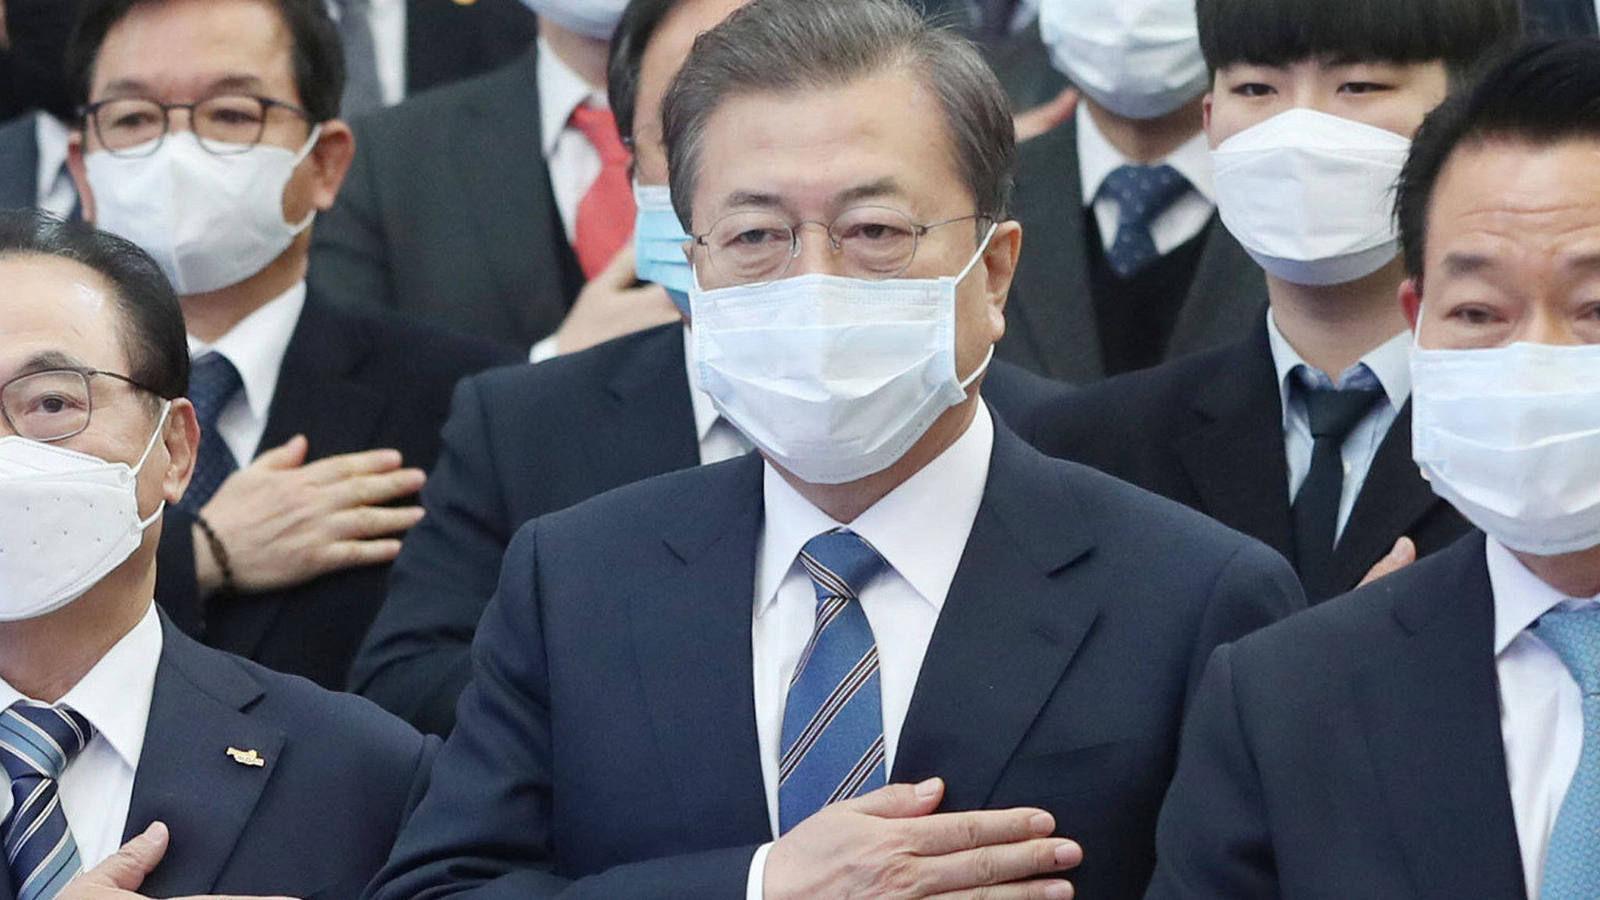 Өмнөд Солонгосын засгийн газар өөрийн иргэдэд бэлэн мөнгө тараах болсныг зарлалаа